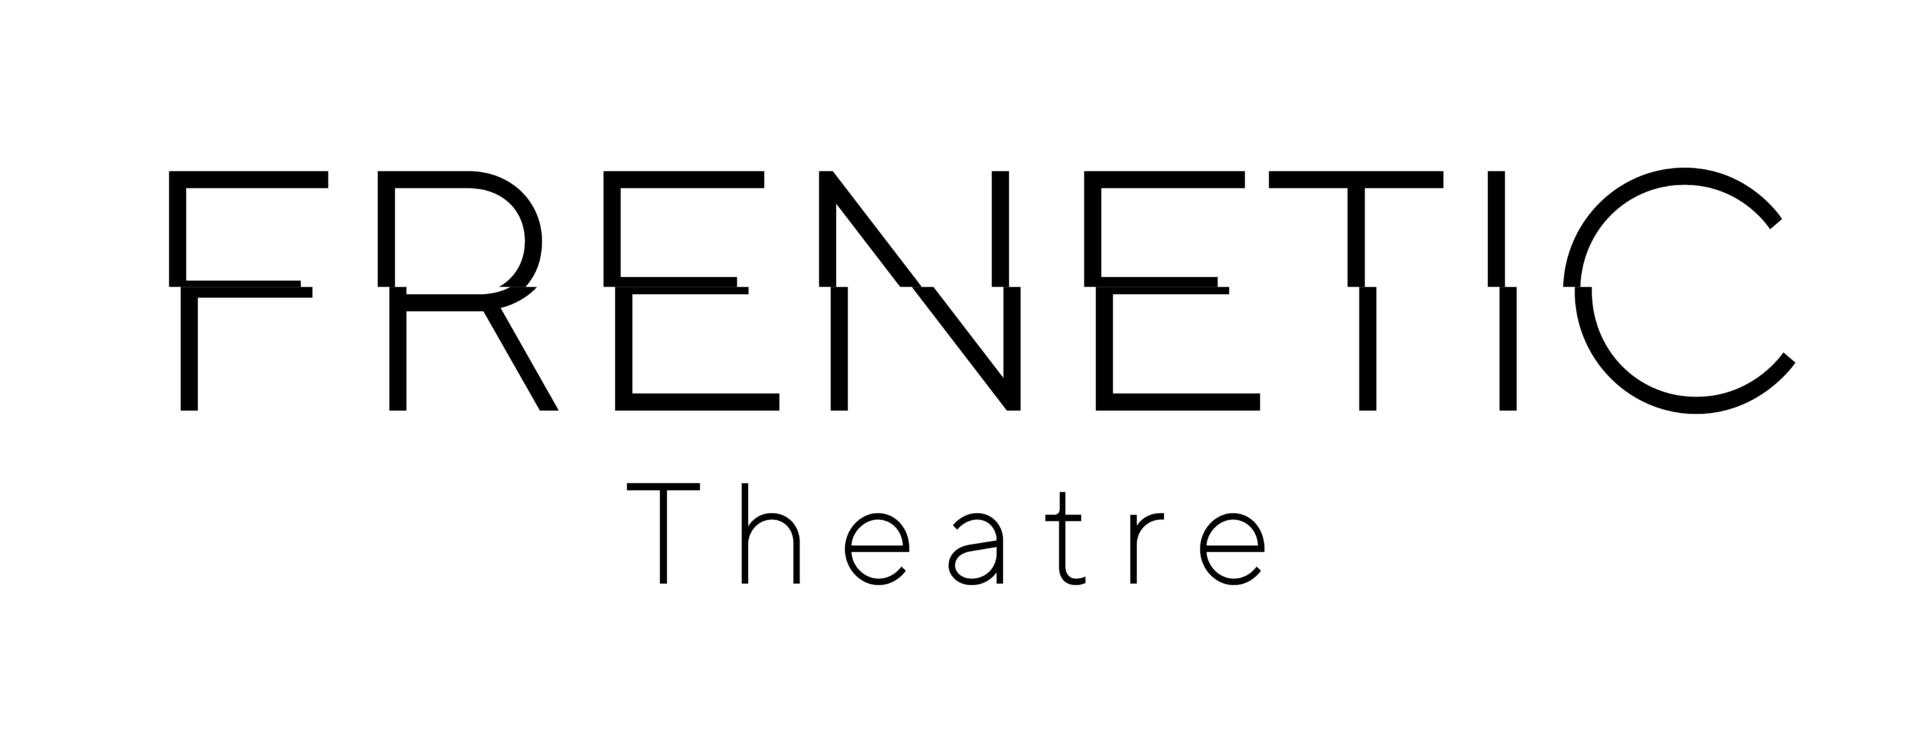 Frenetic Theatre logo